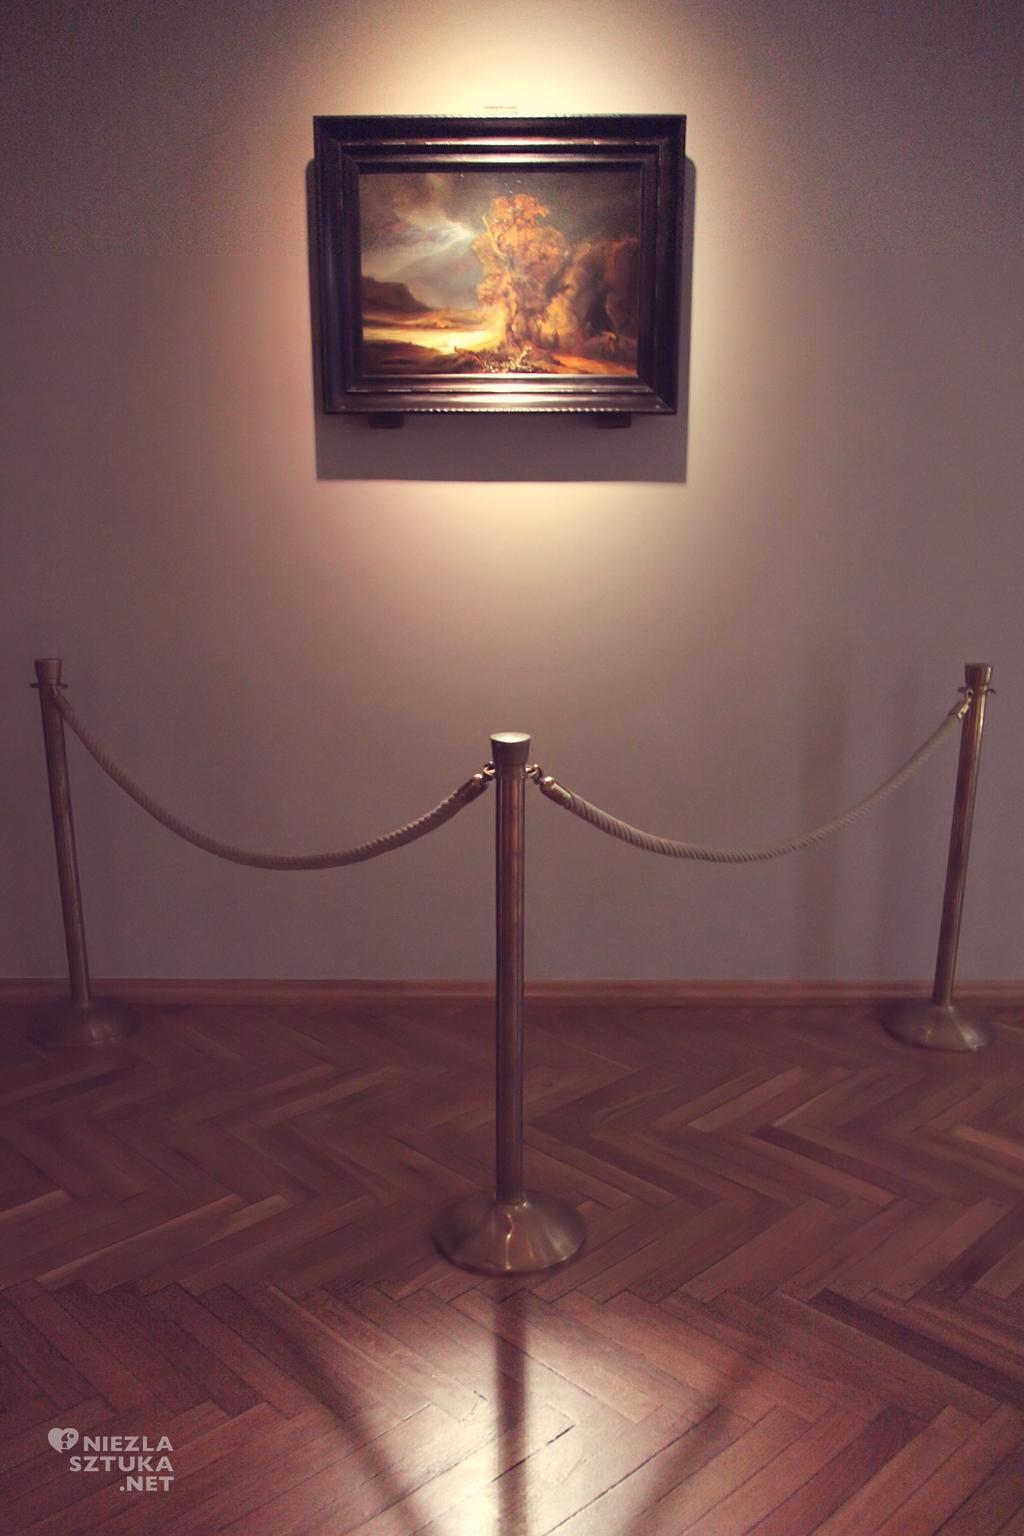 Obraz-w-Muzeum copy